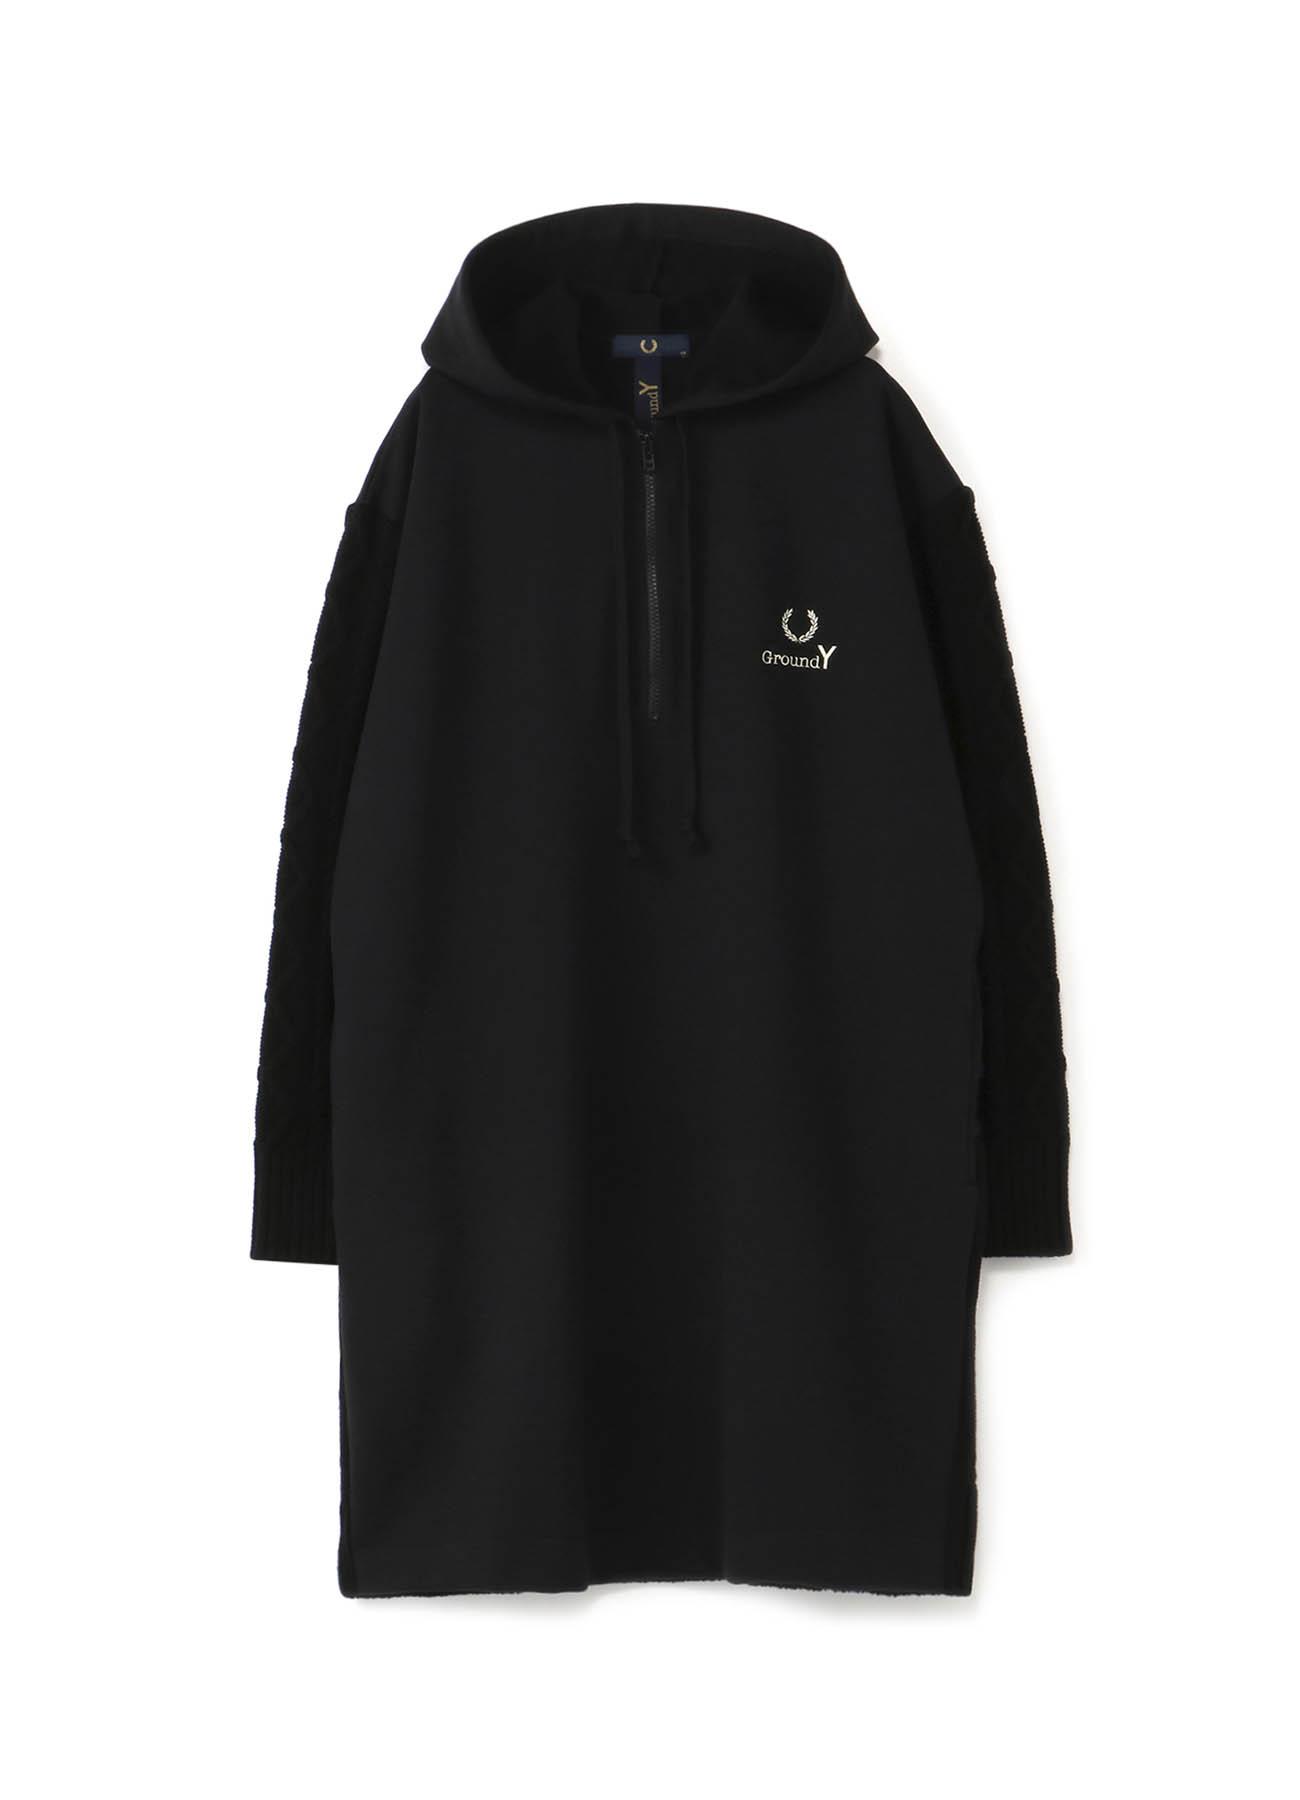 FRED PERRY合作针织x羊毛长款派克大衣(女士)